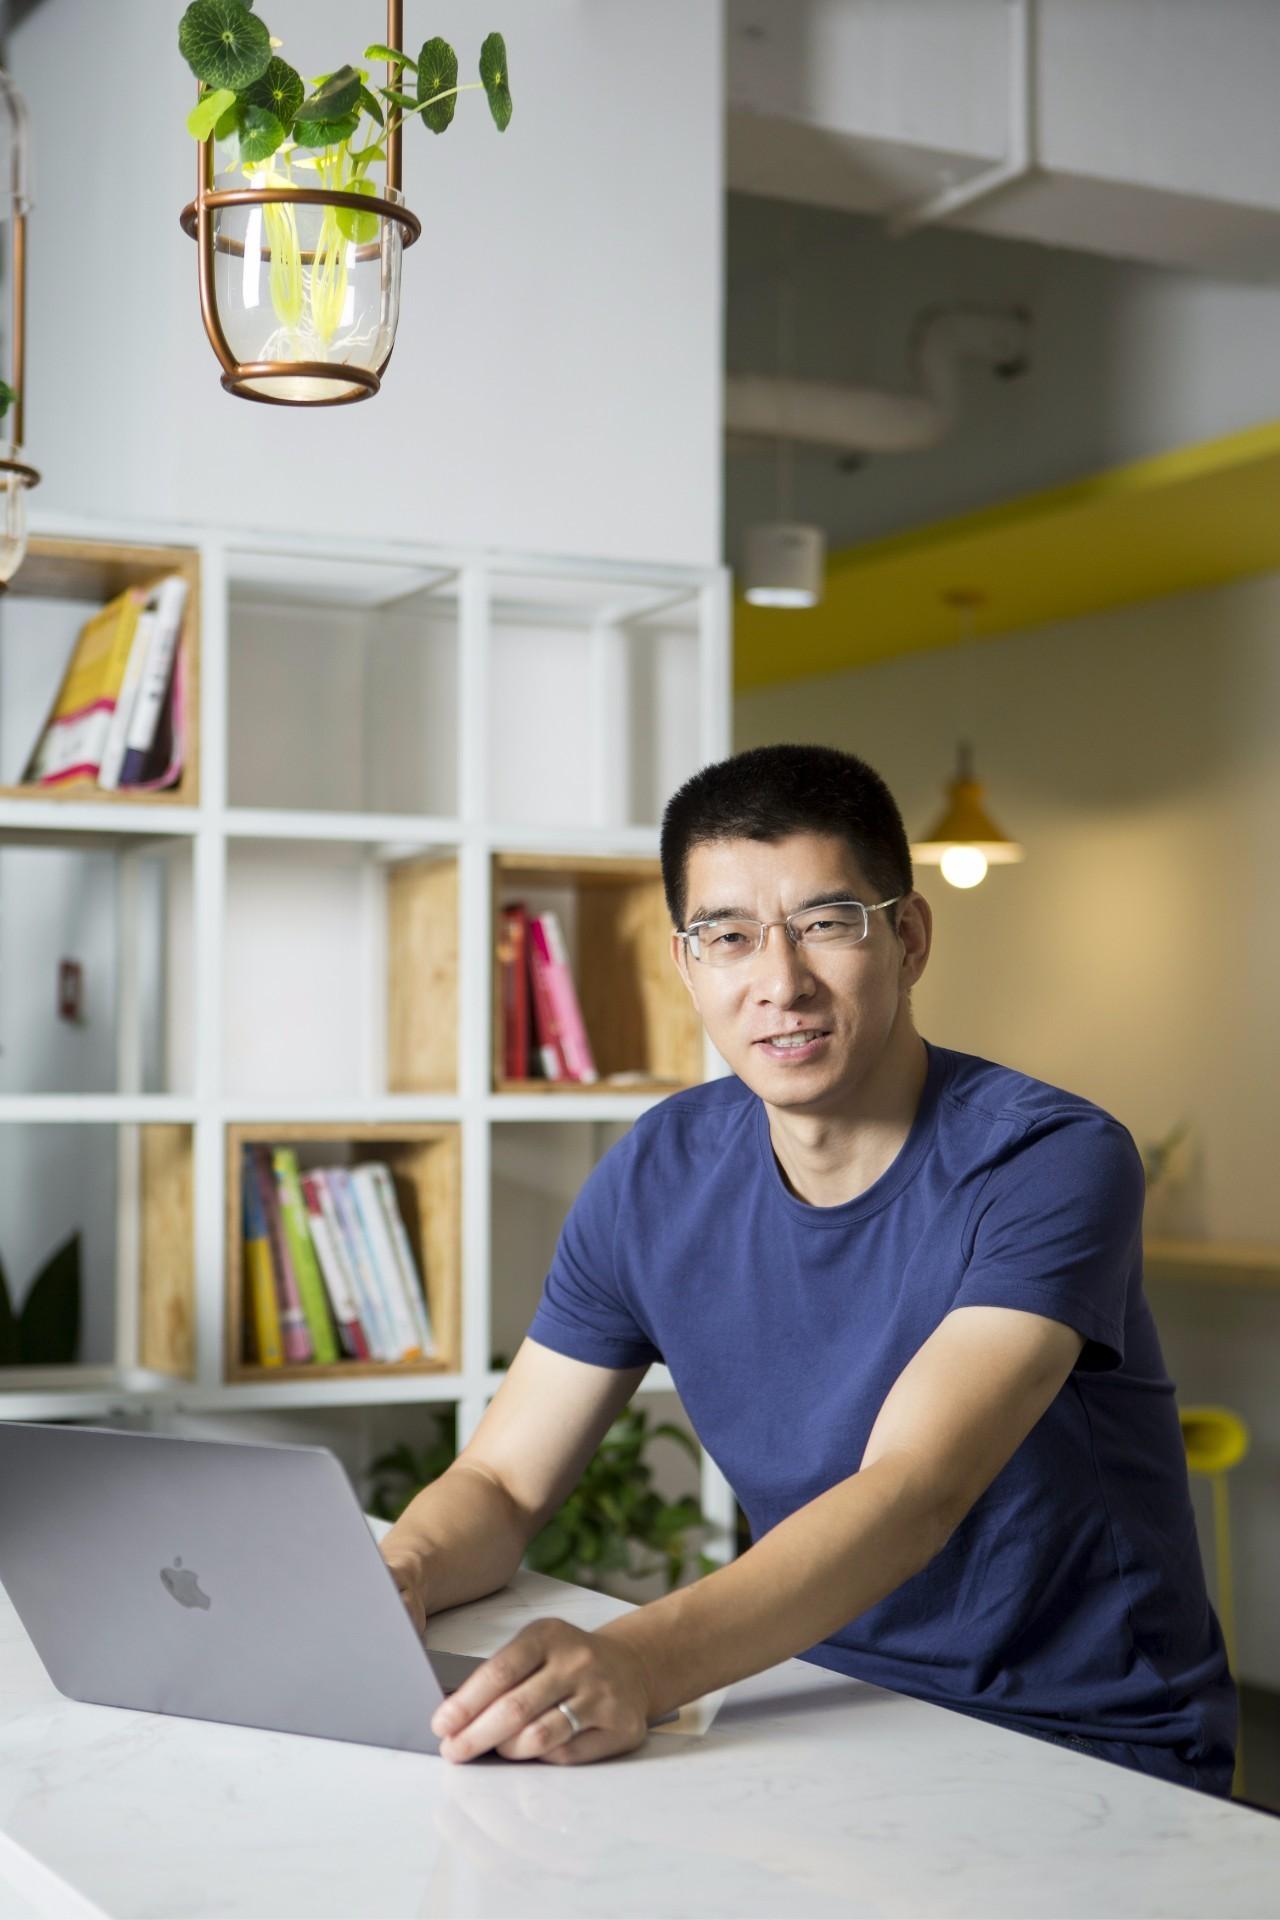 14年IT男跨界母婴创业,获得4200万用户,李开复、雷军、郭广昌相继投资,他做对了什么?